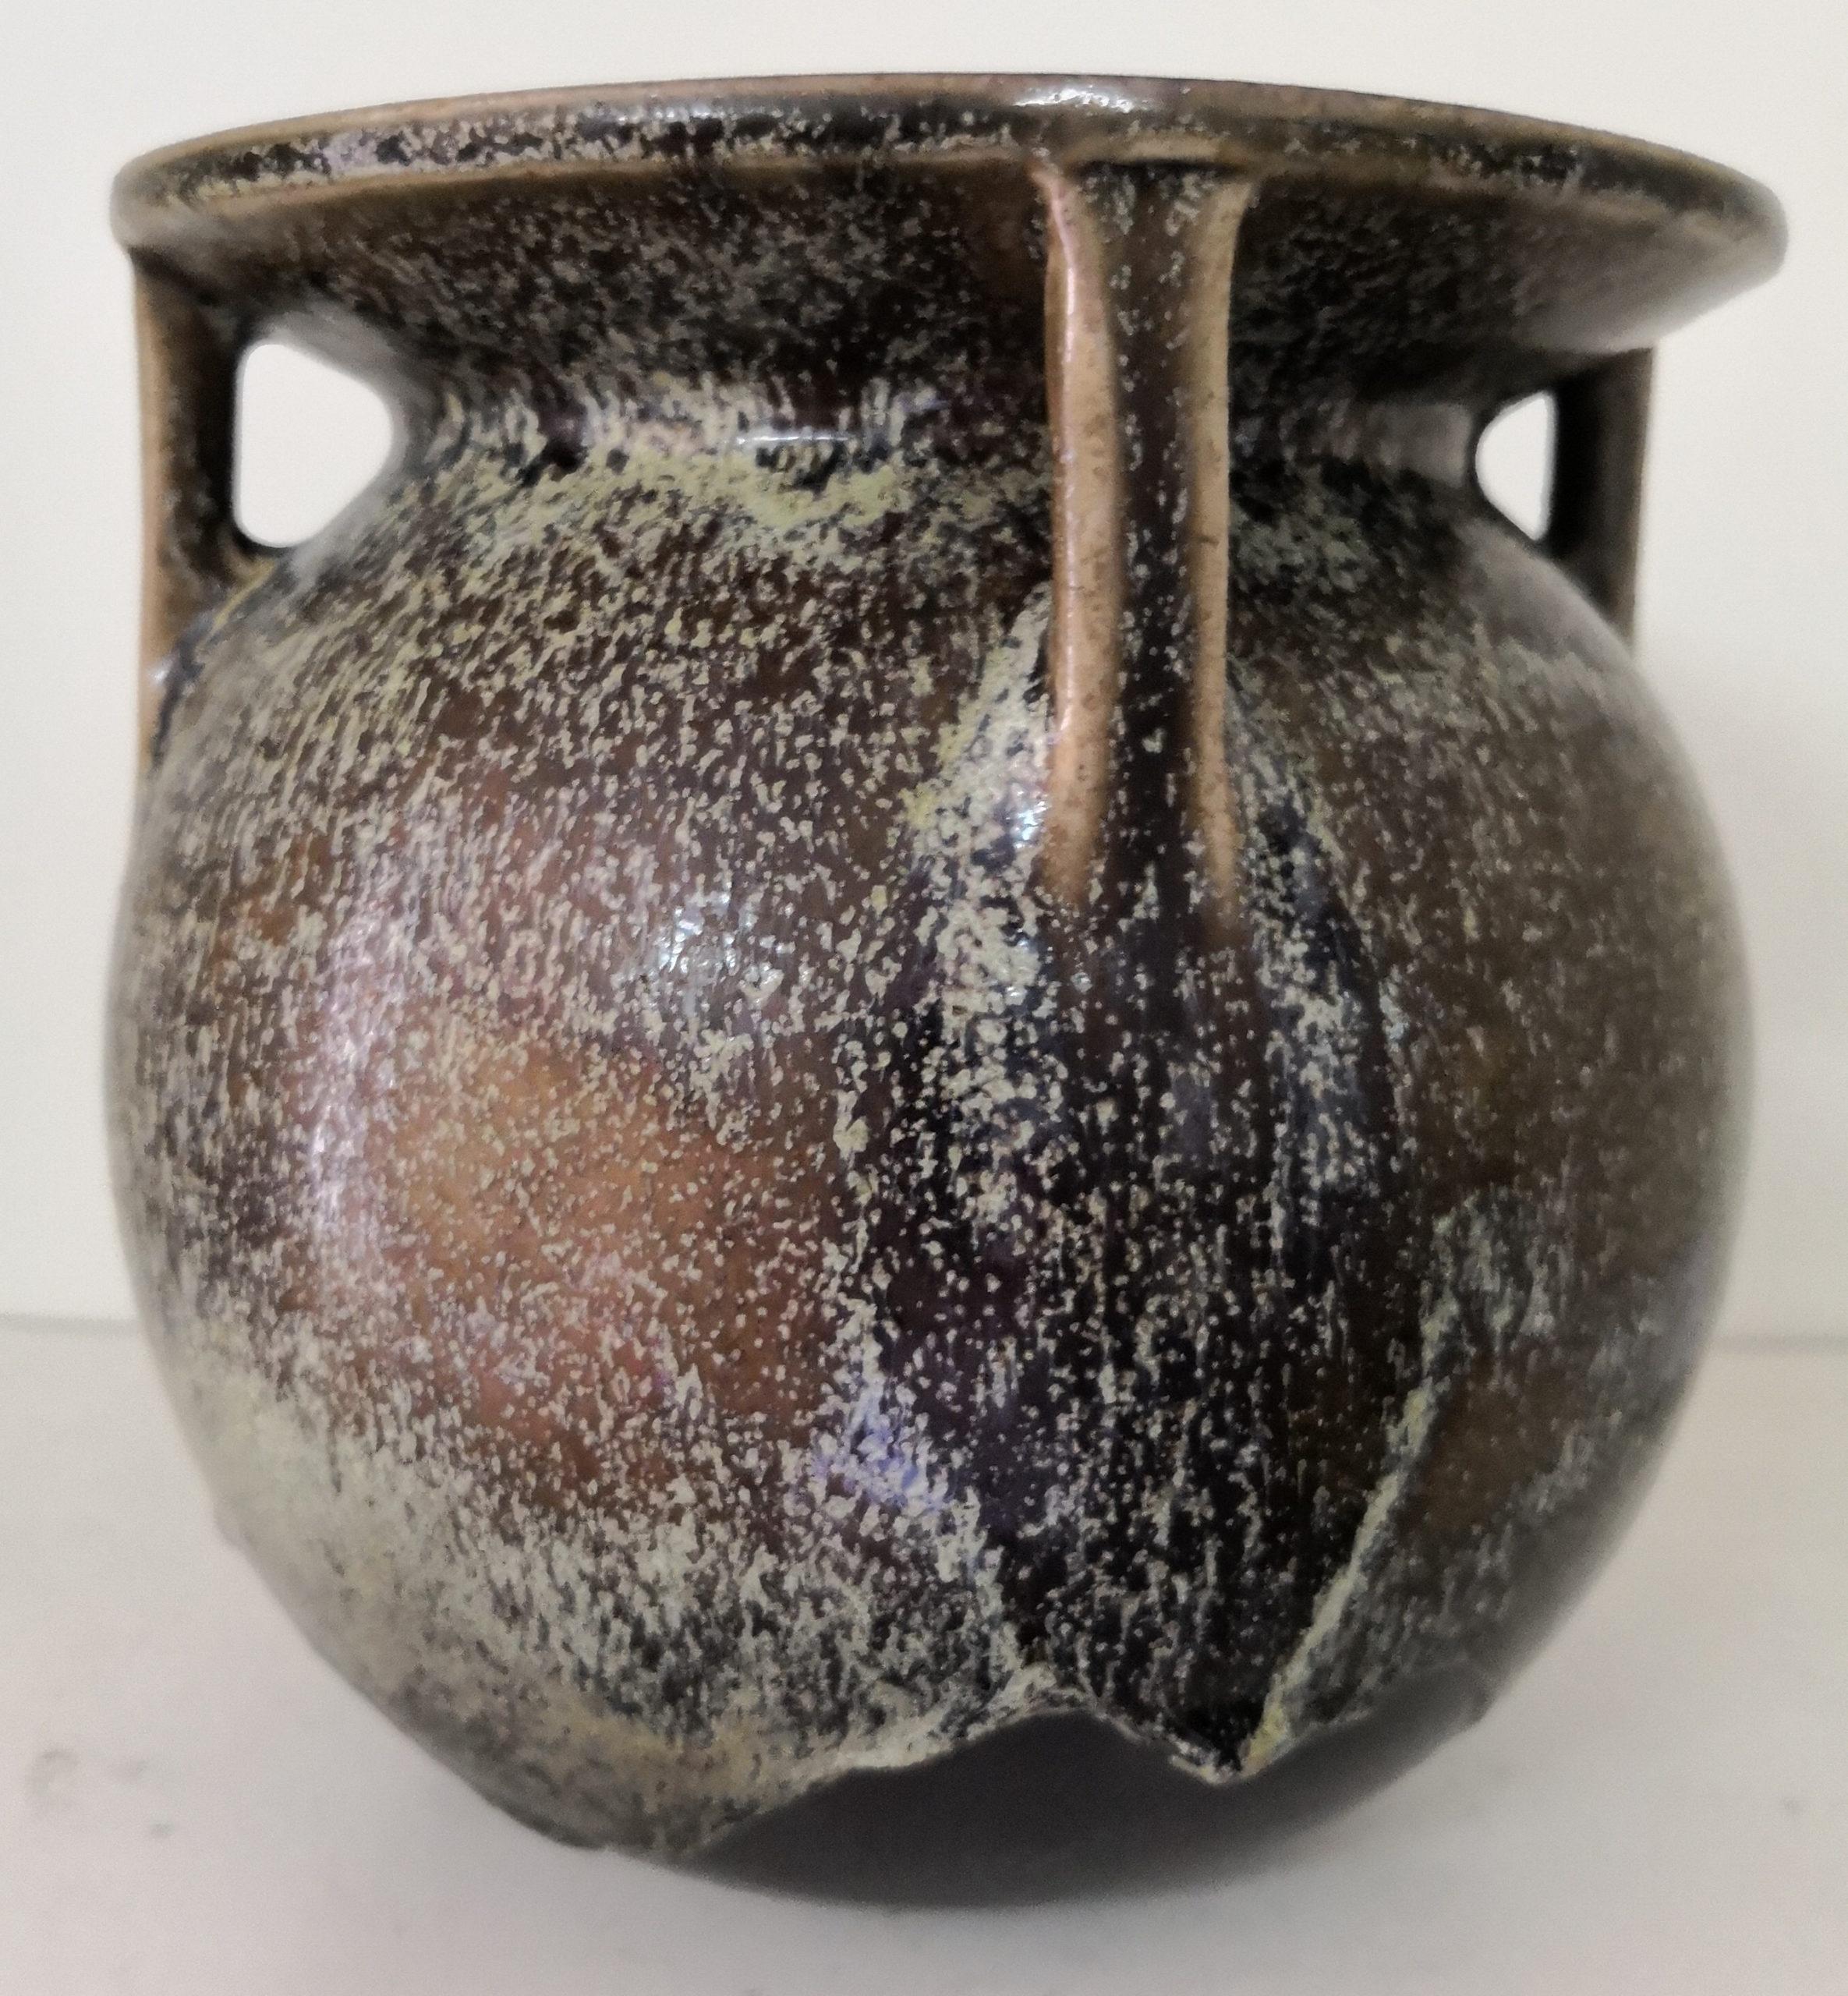 Vase de H. Simmen © photo de l'expert